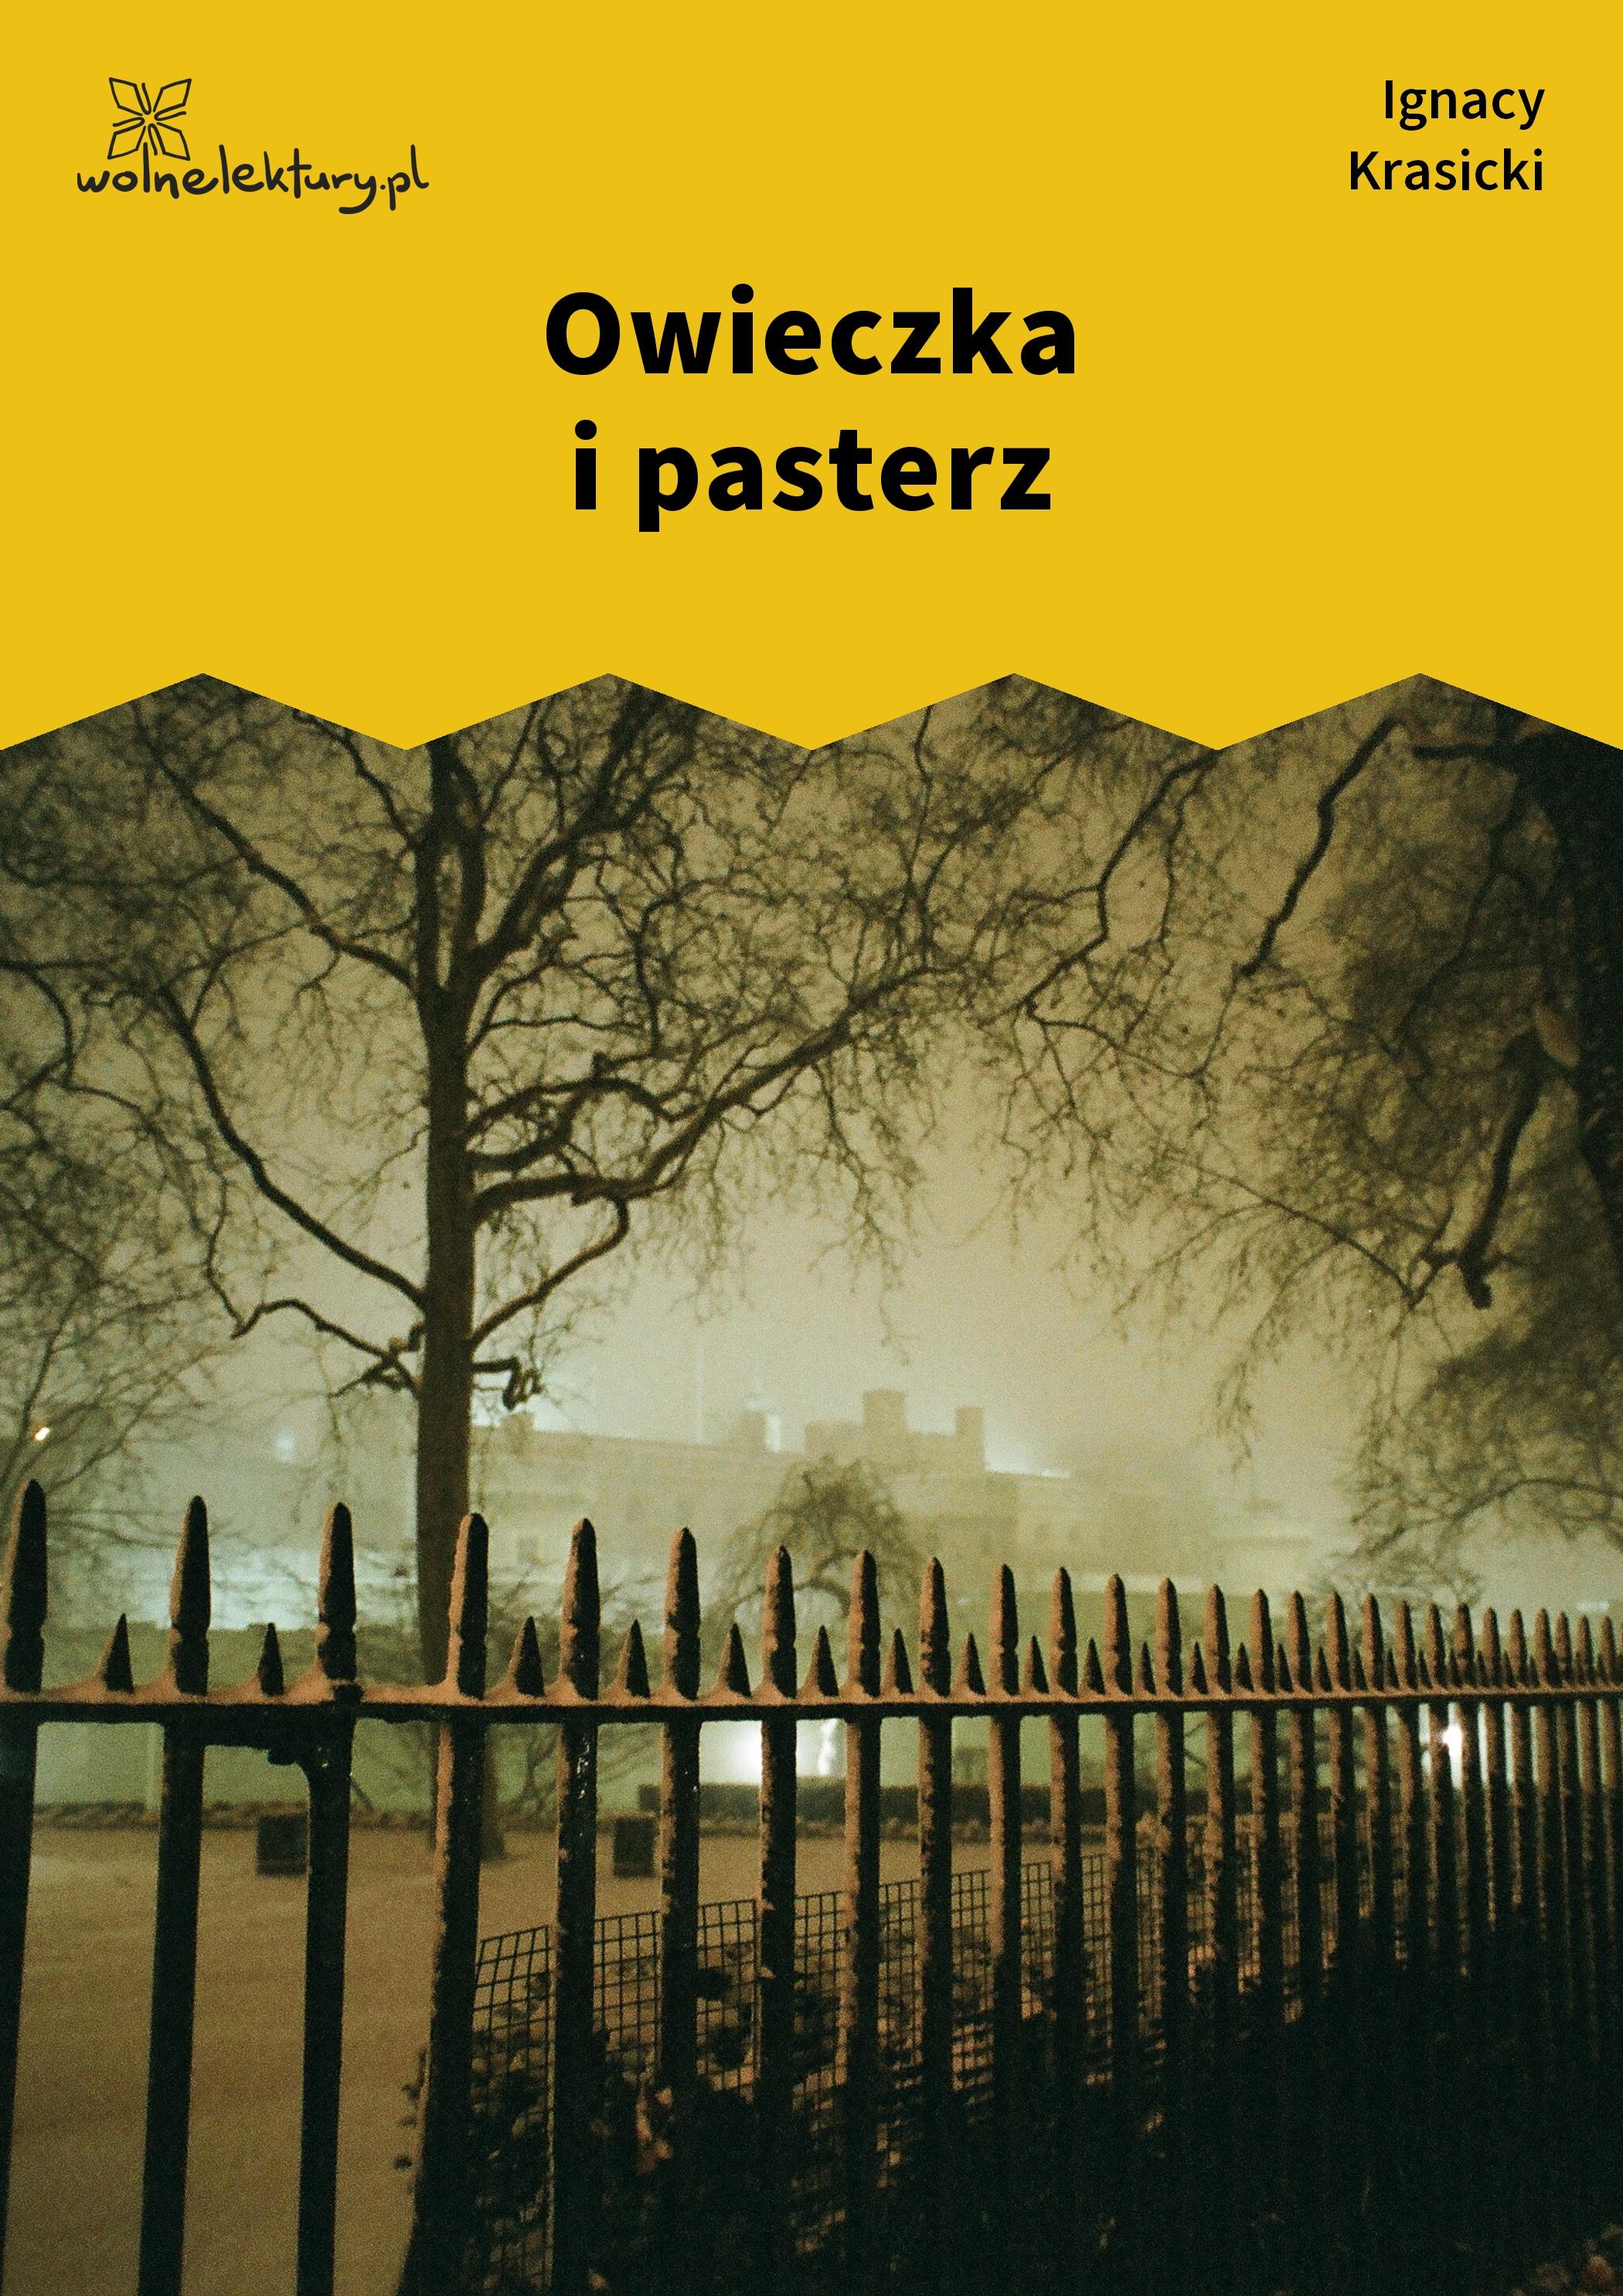 Ignacy Krasicki owieczka i pasterz